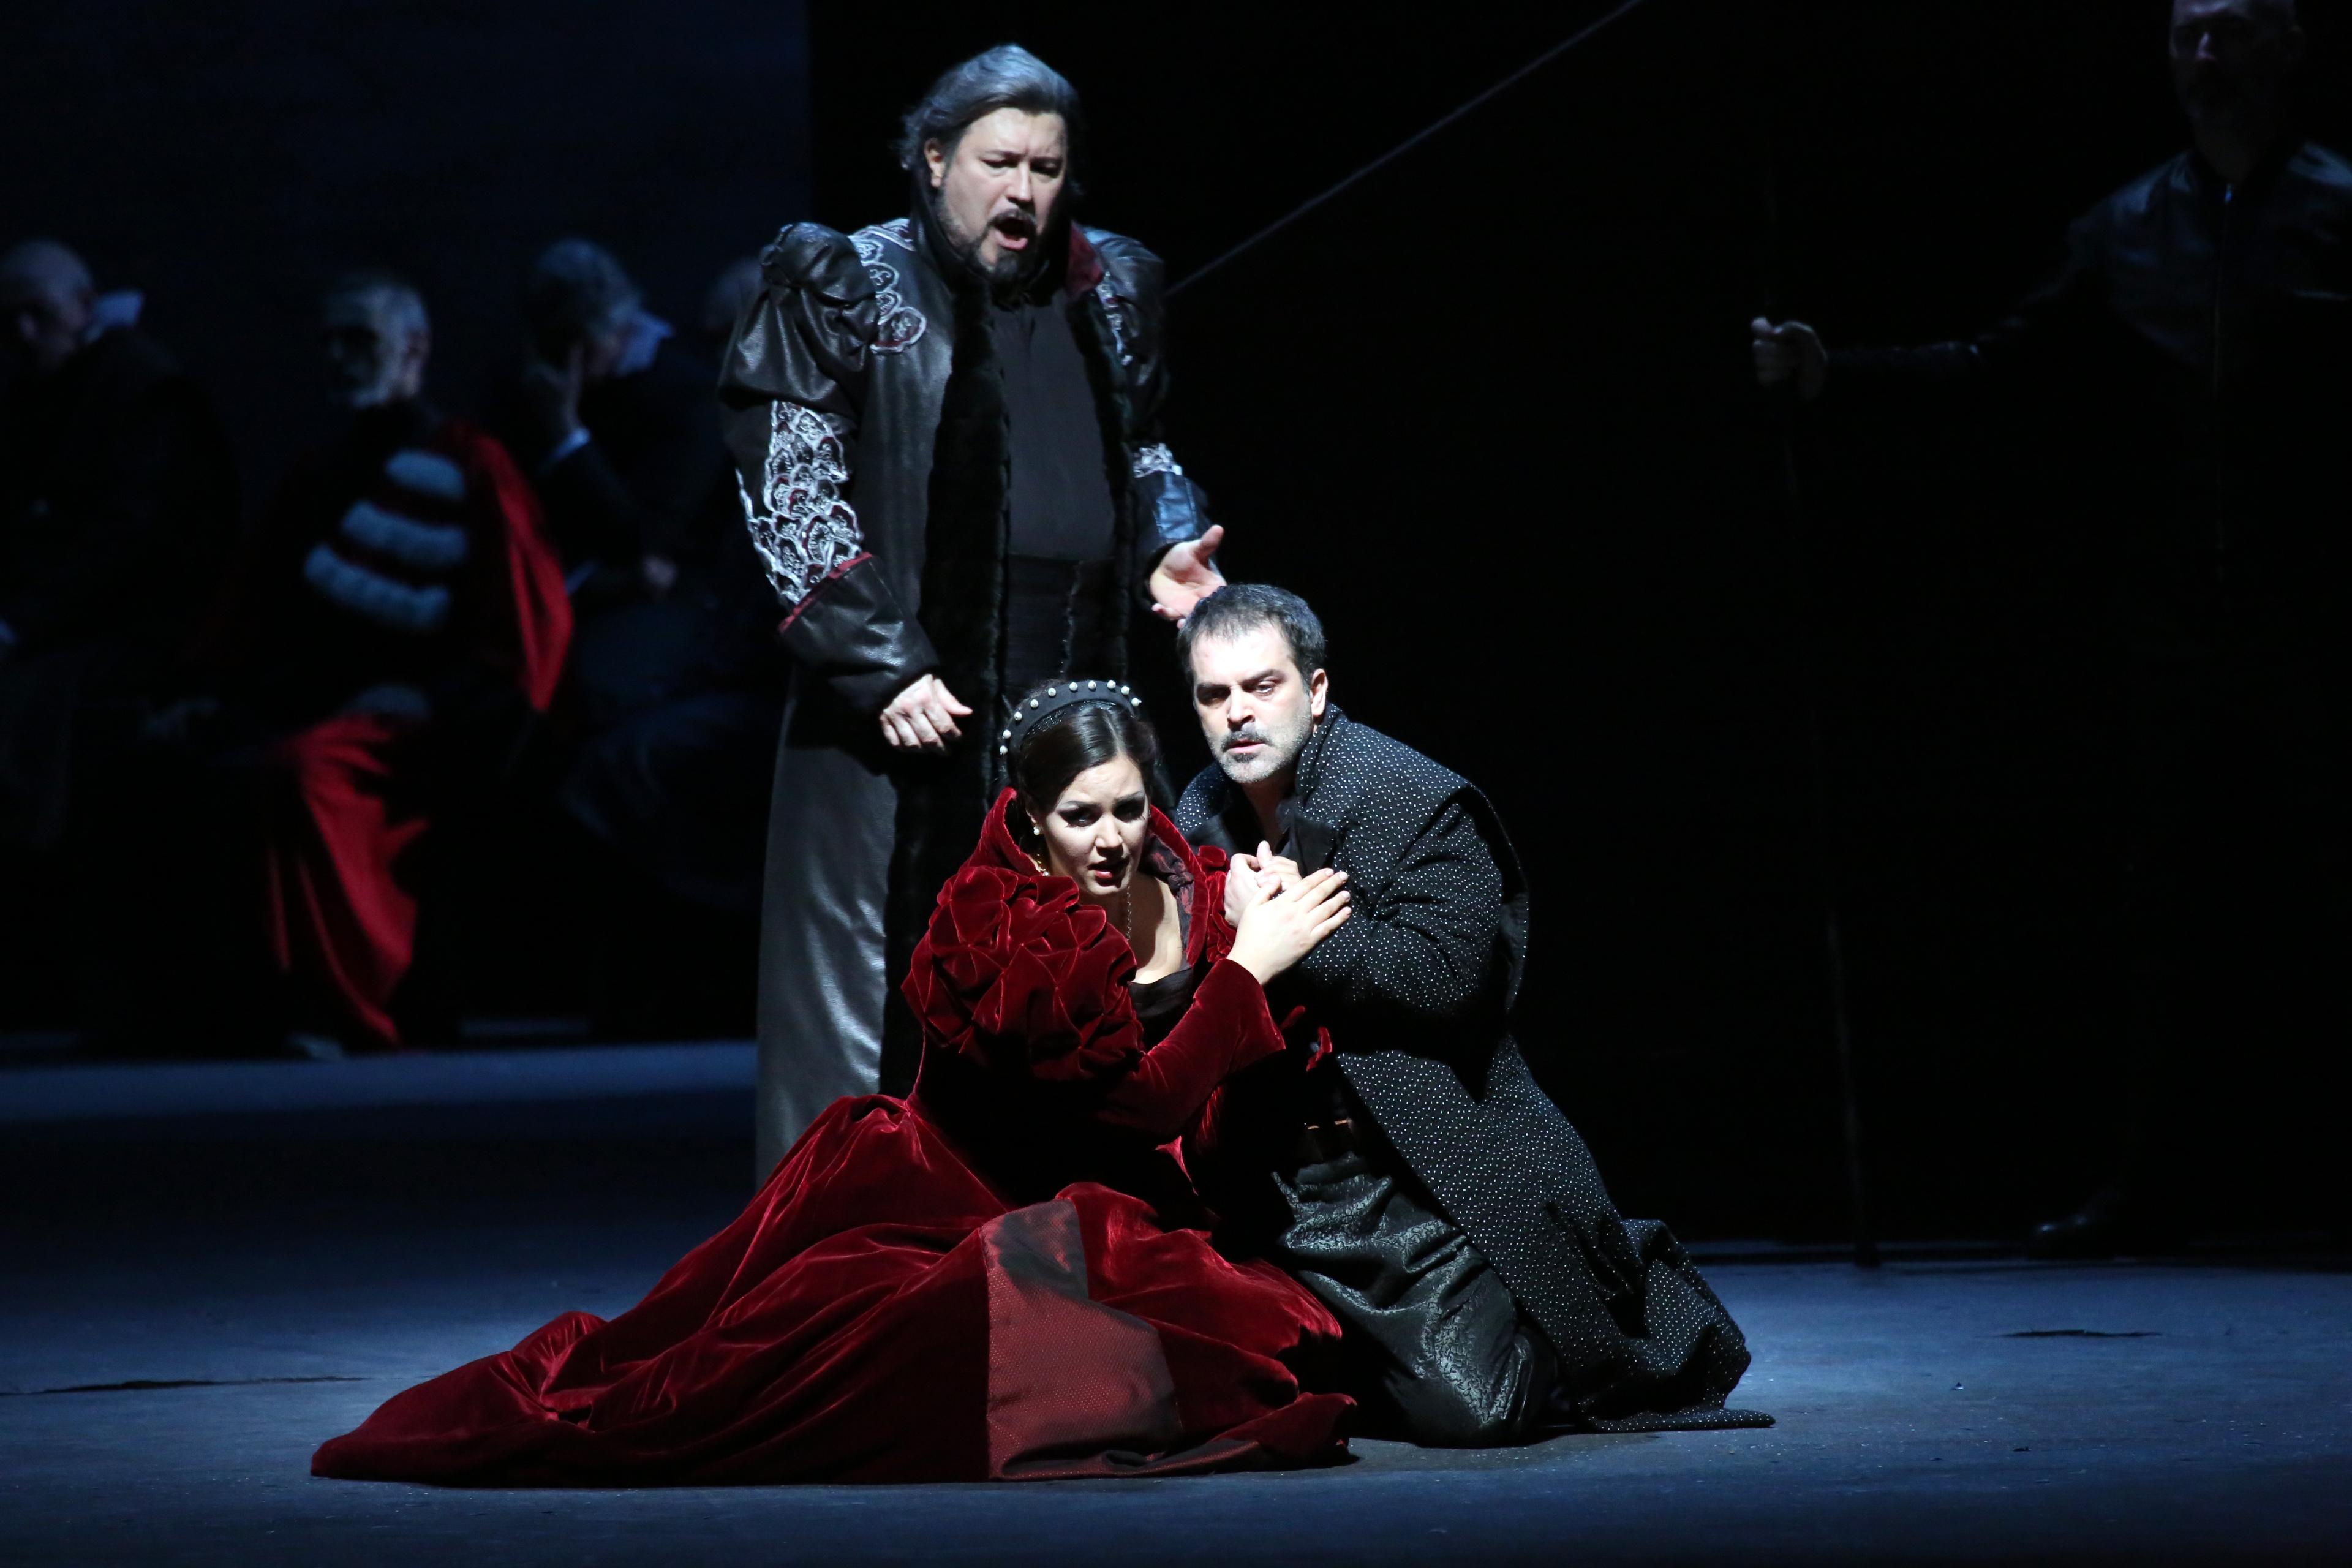 Anna Bolena, Teatro alla Scala, Federica Lombardi, Milano, Opera, Teatro, Donizetti